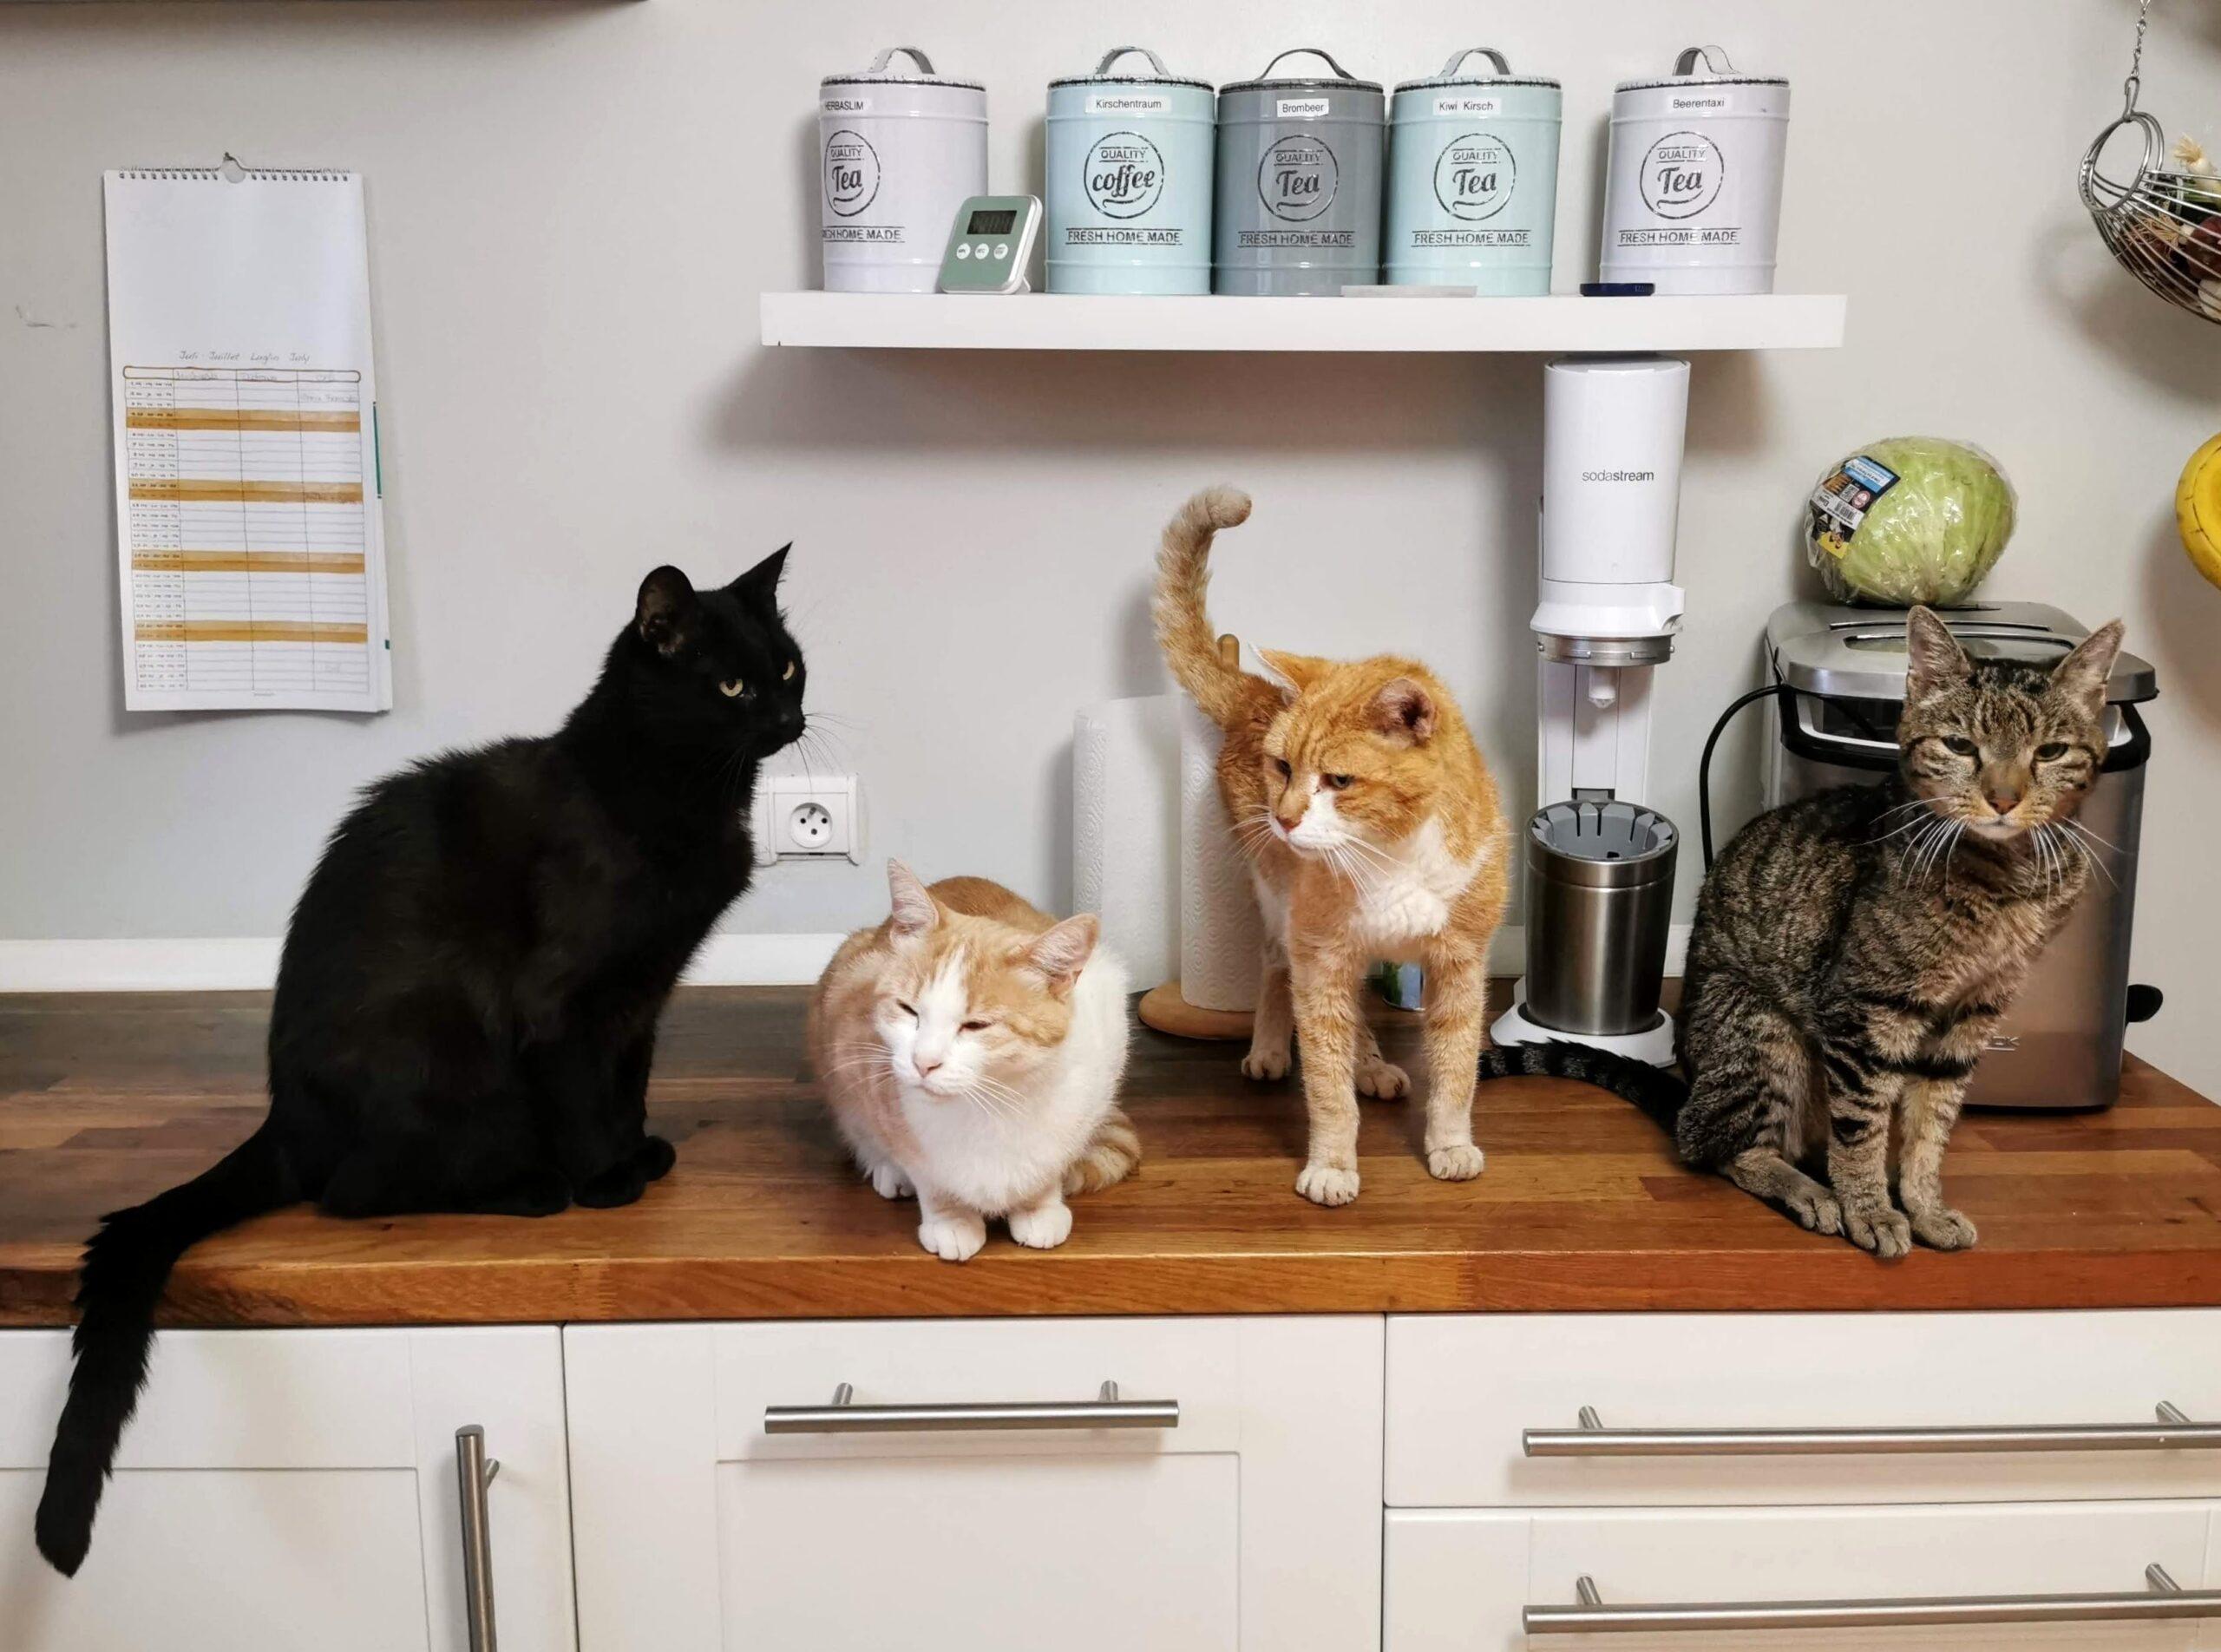 Quattro diversi gatti su un piano di lavoro in cucina